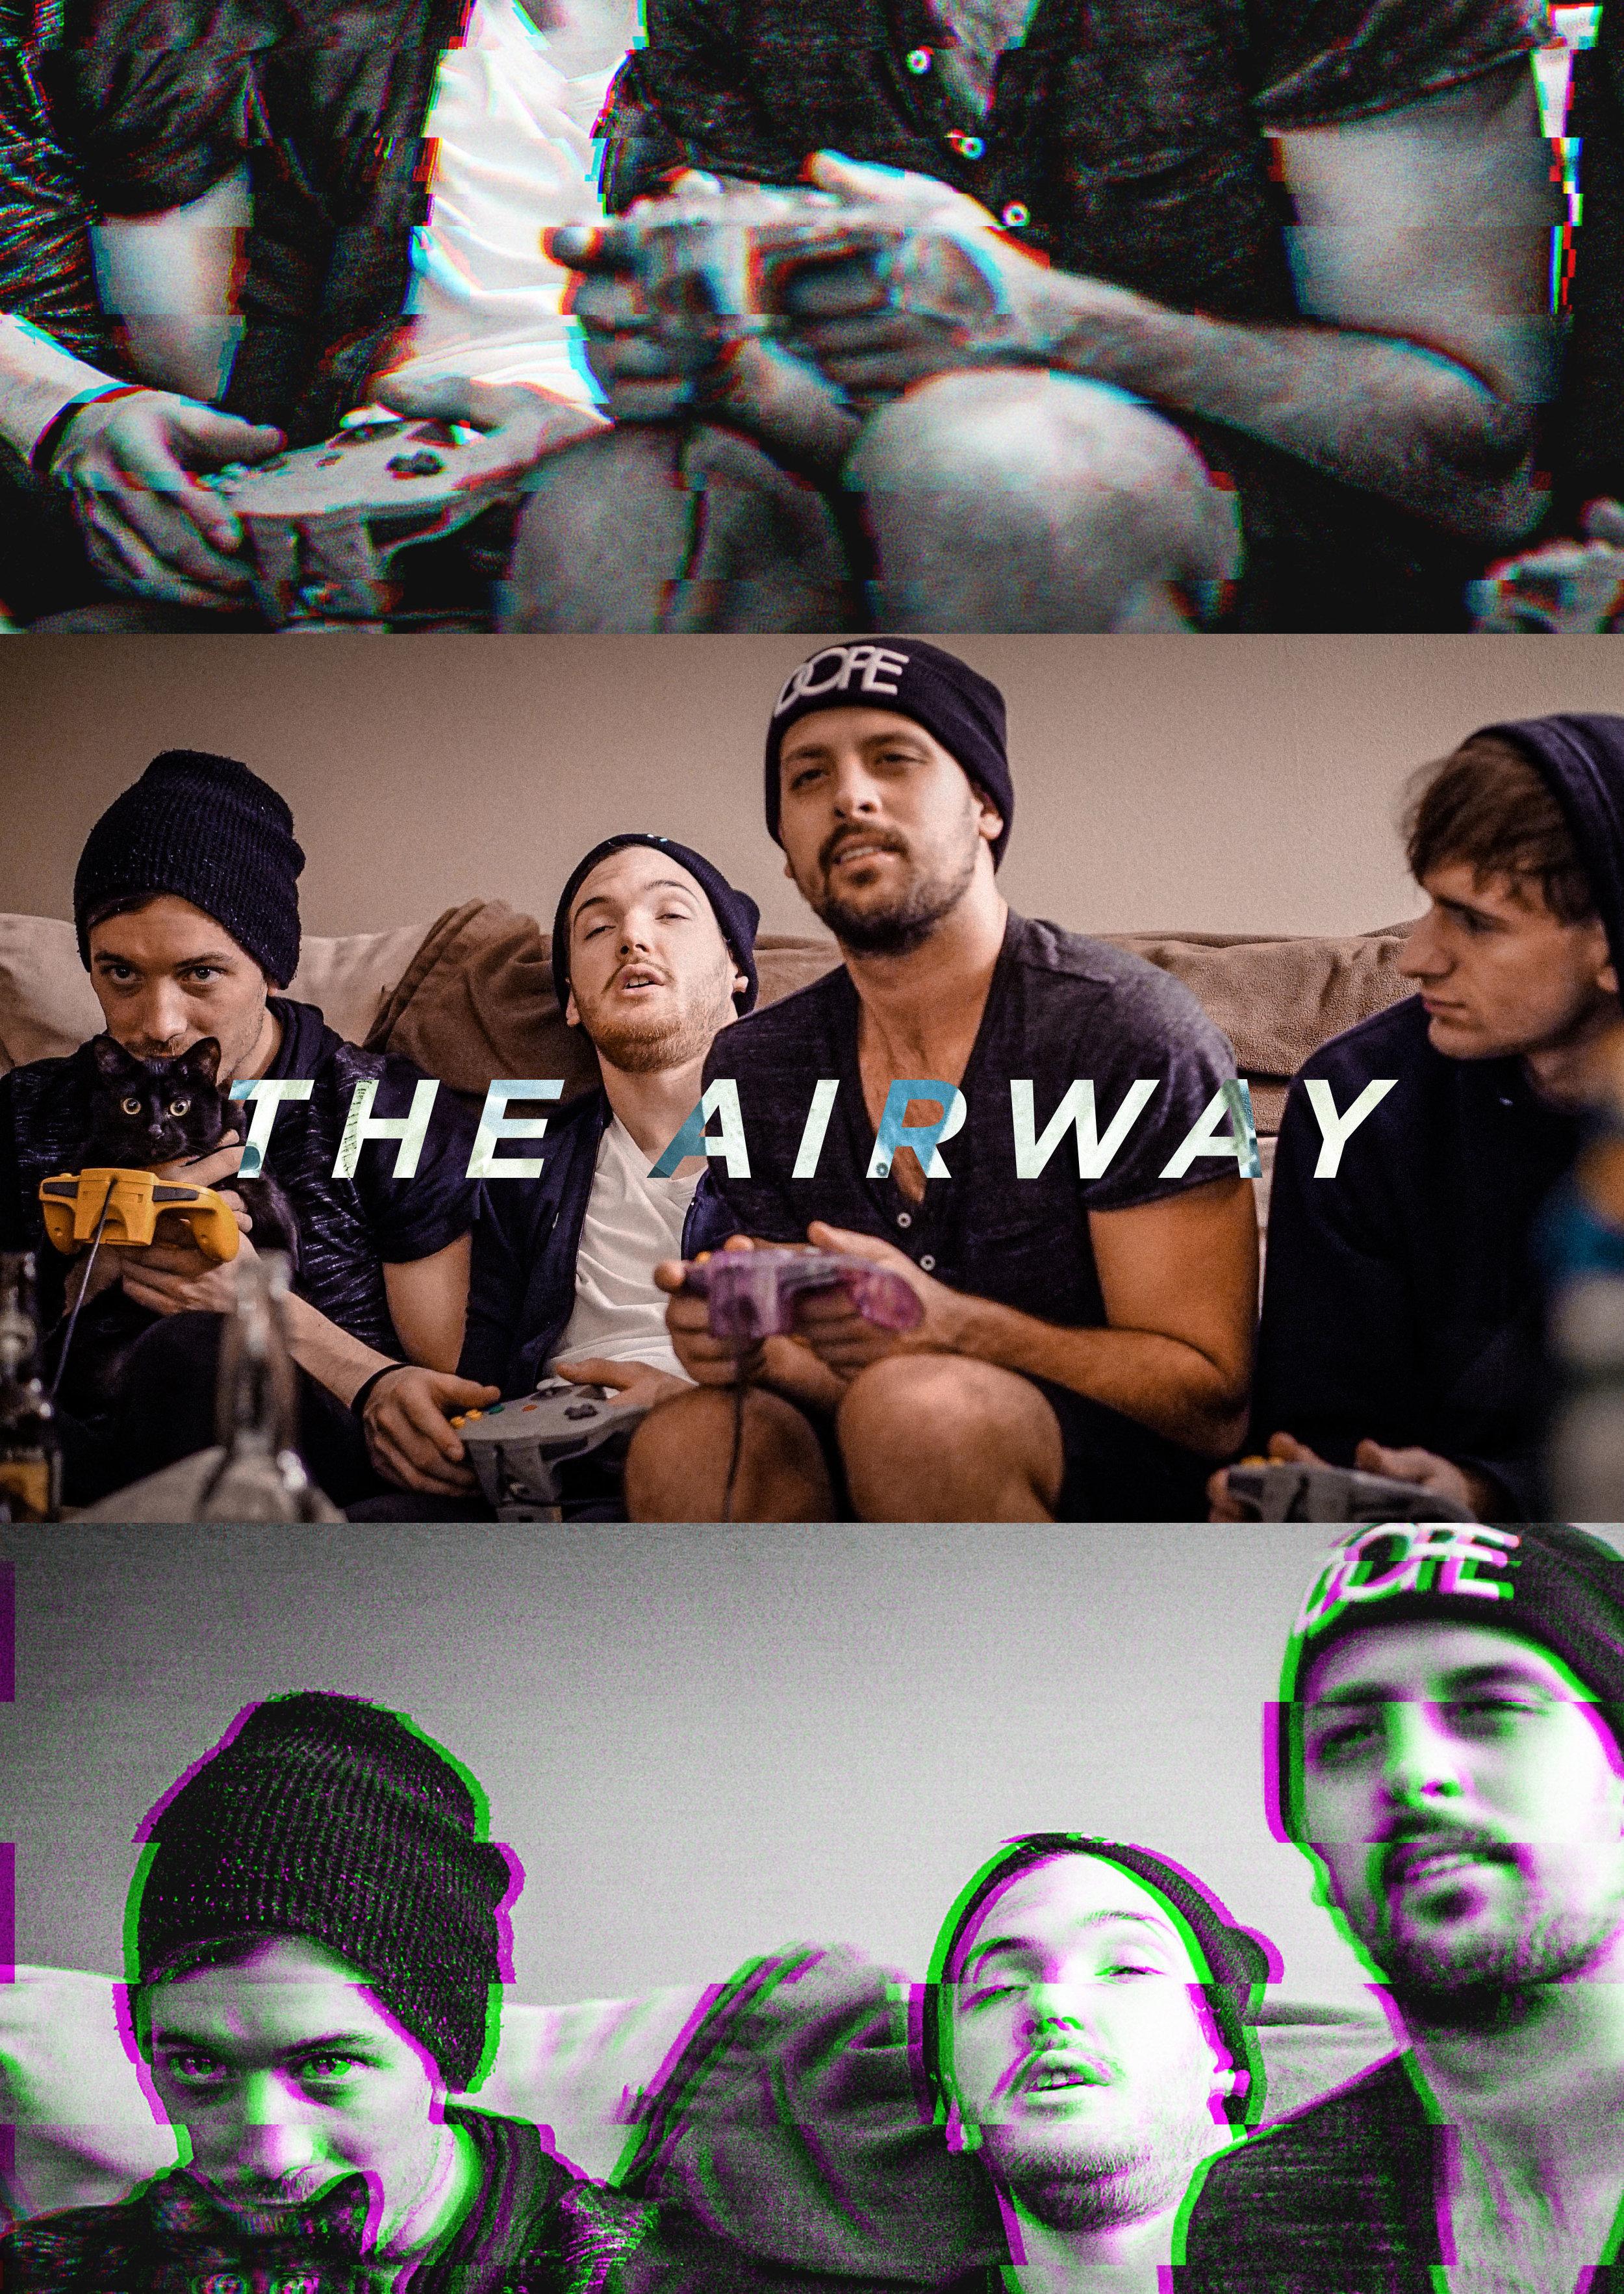 TheAirway.jpg